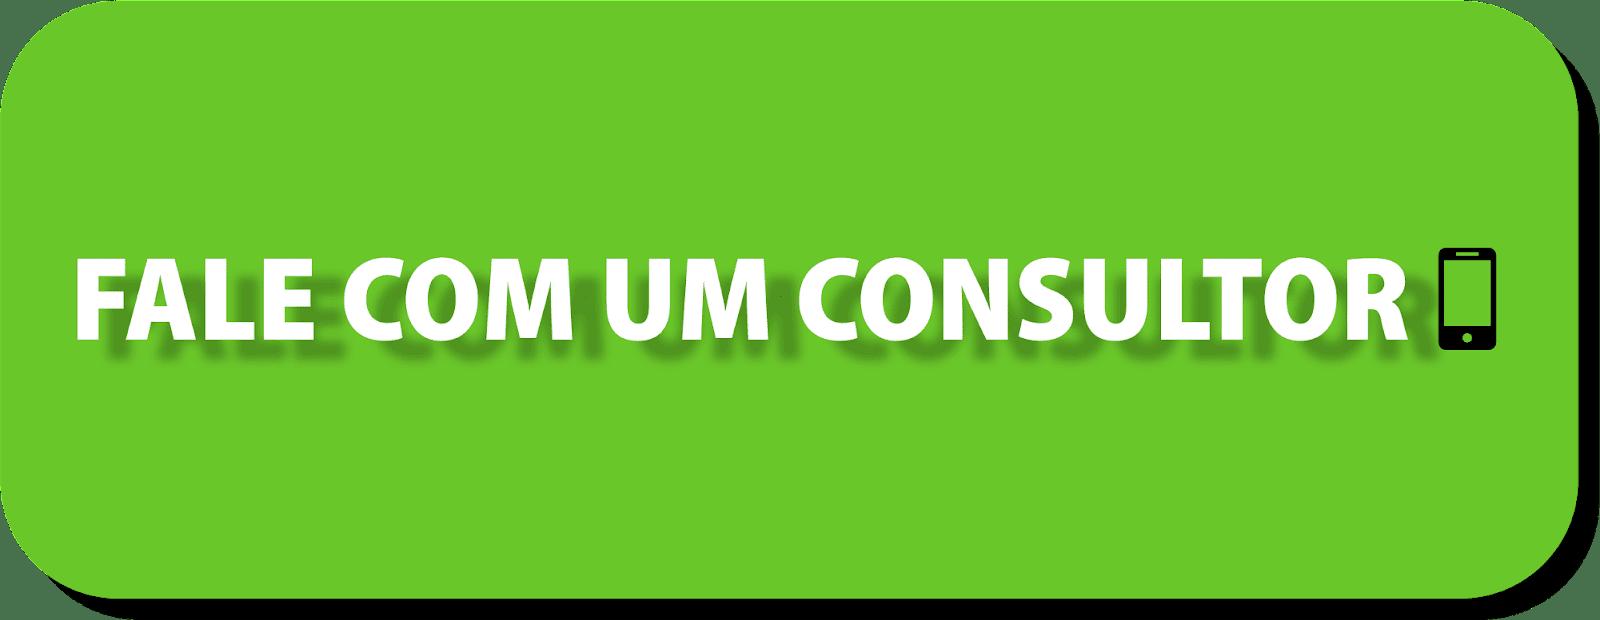 botão com link para falar com um consultor da mypharma